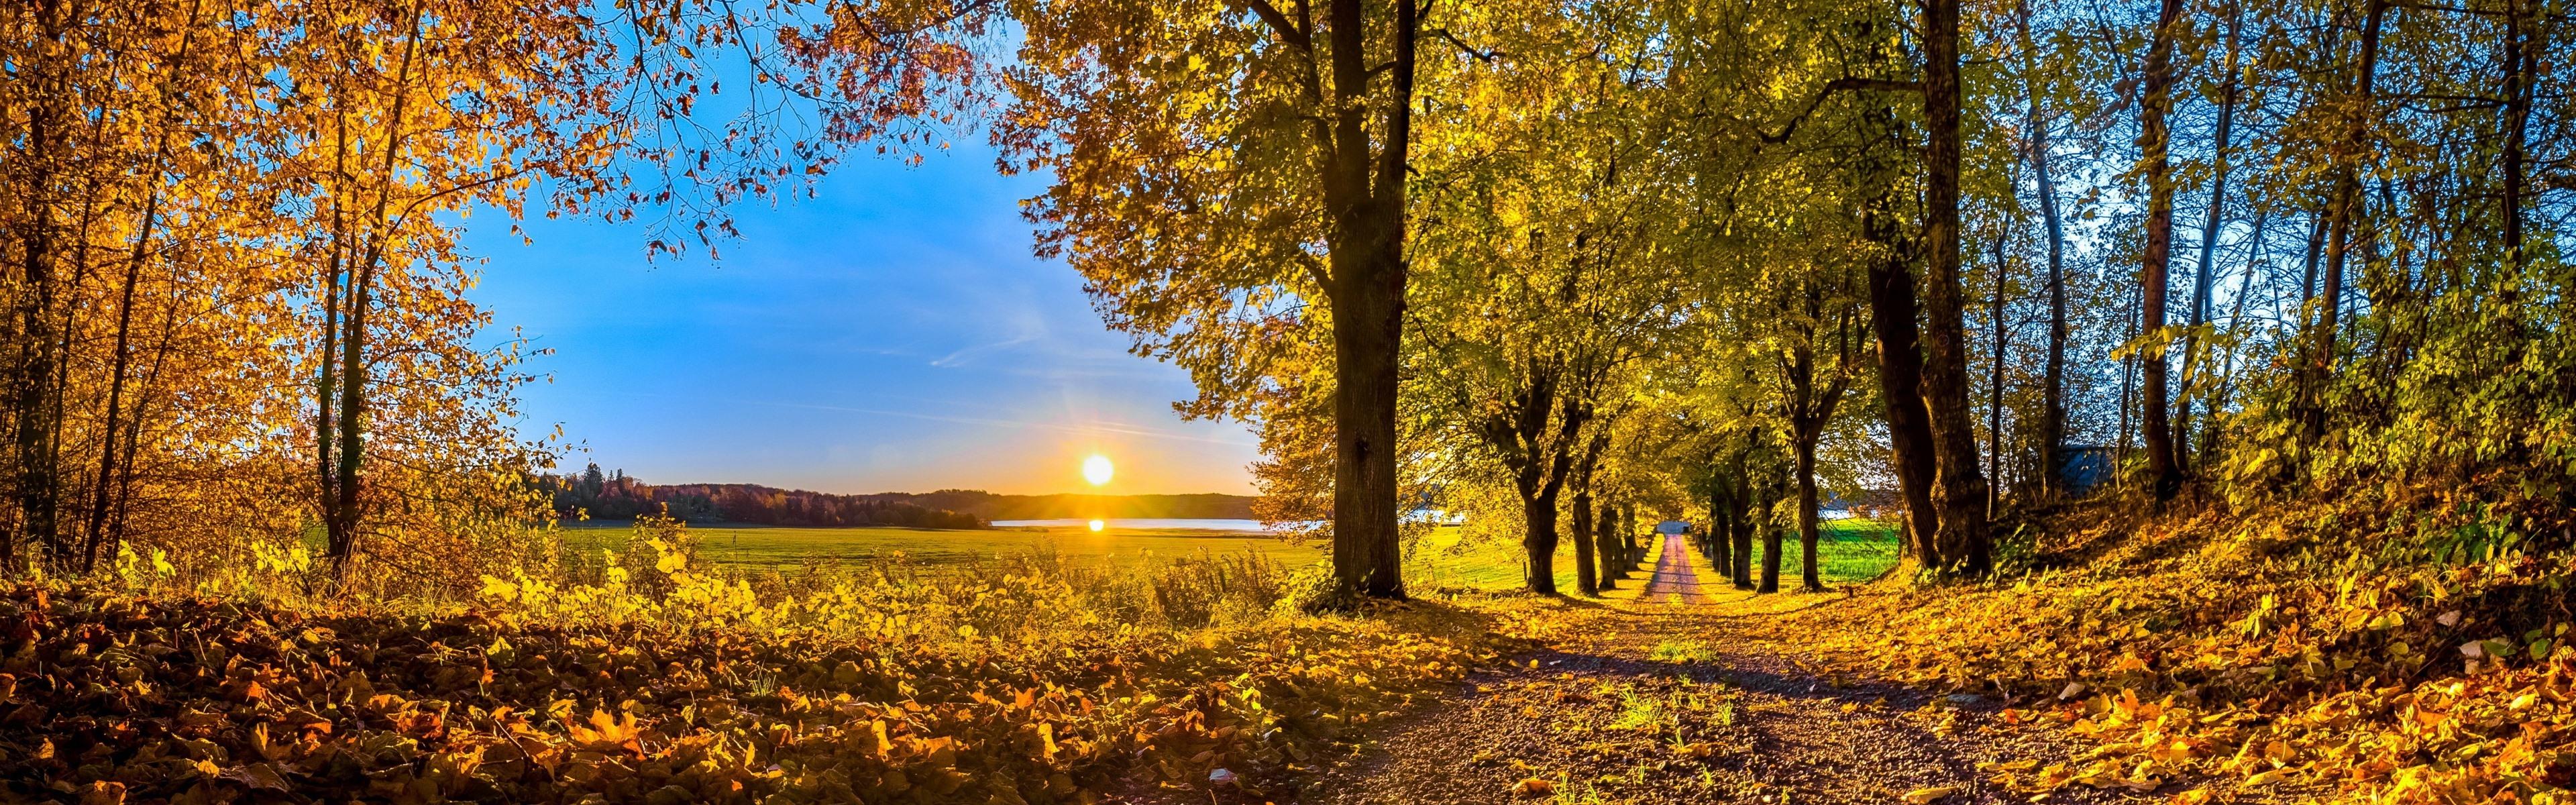 панорамная картинка осень белок